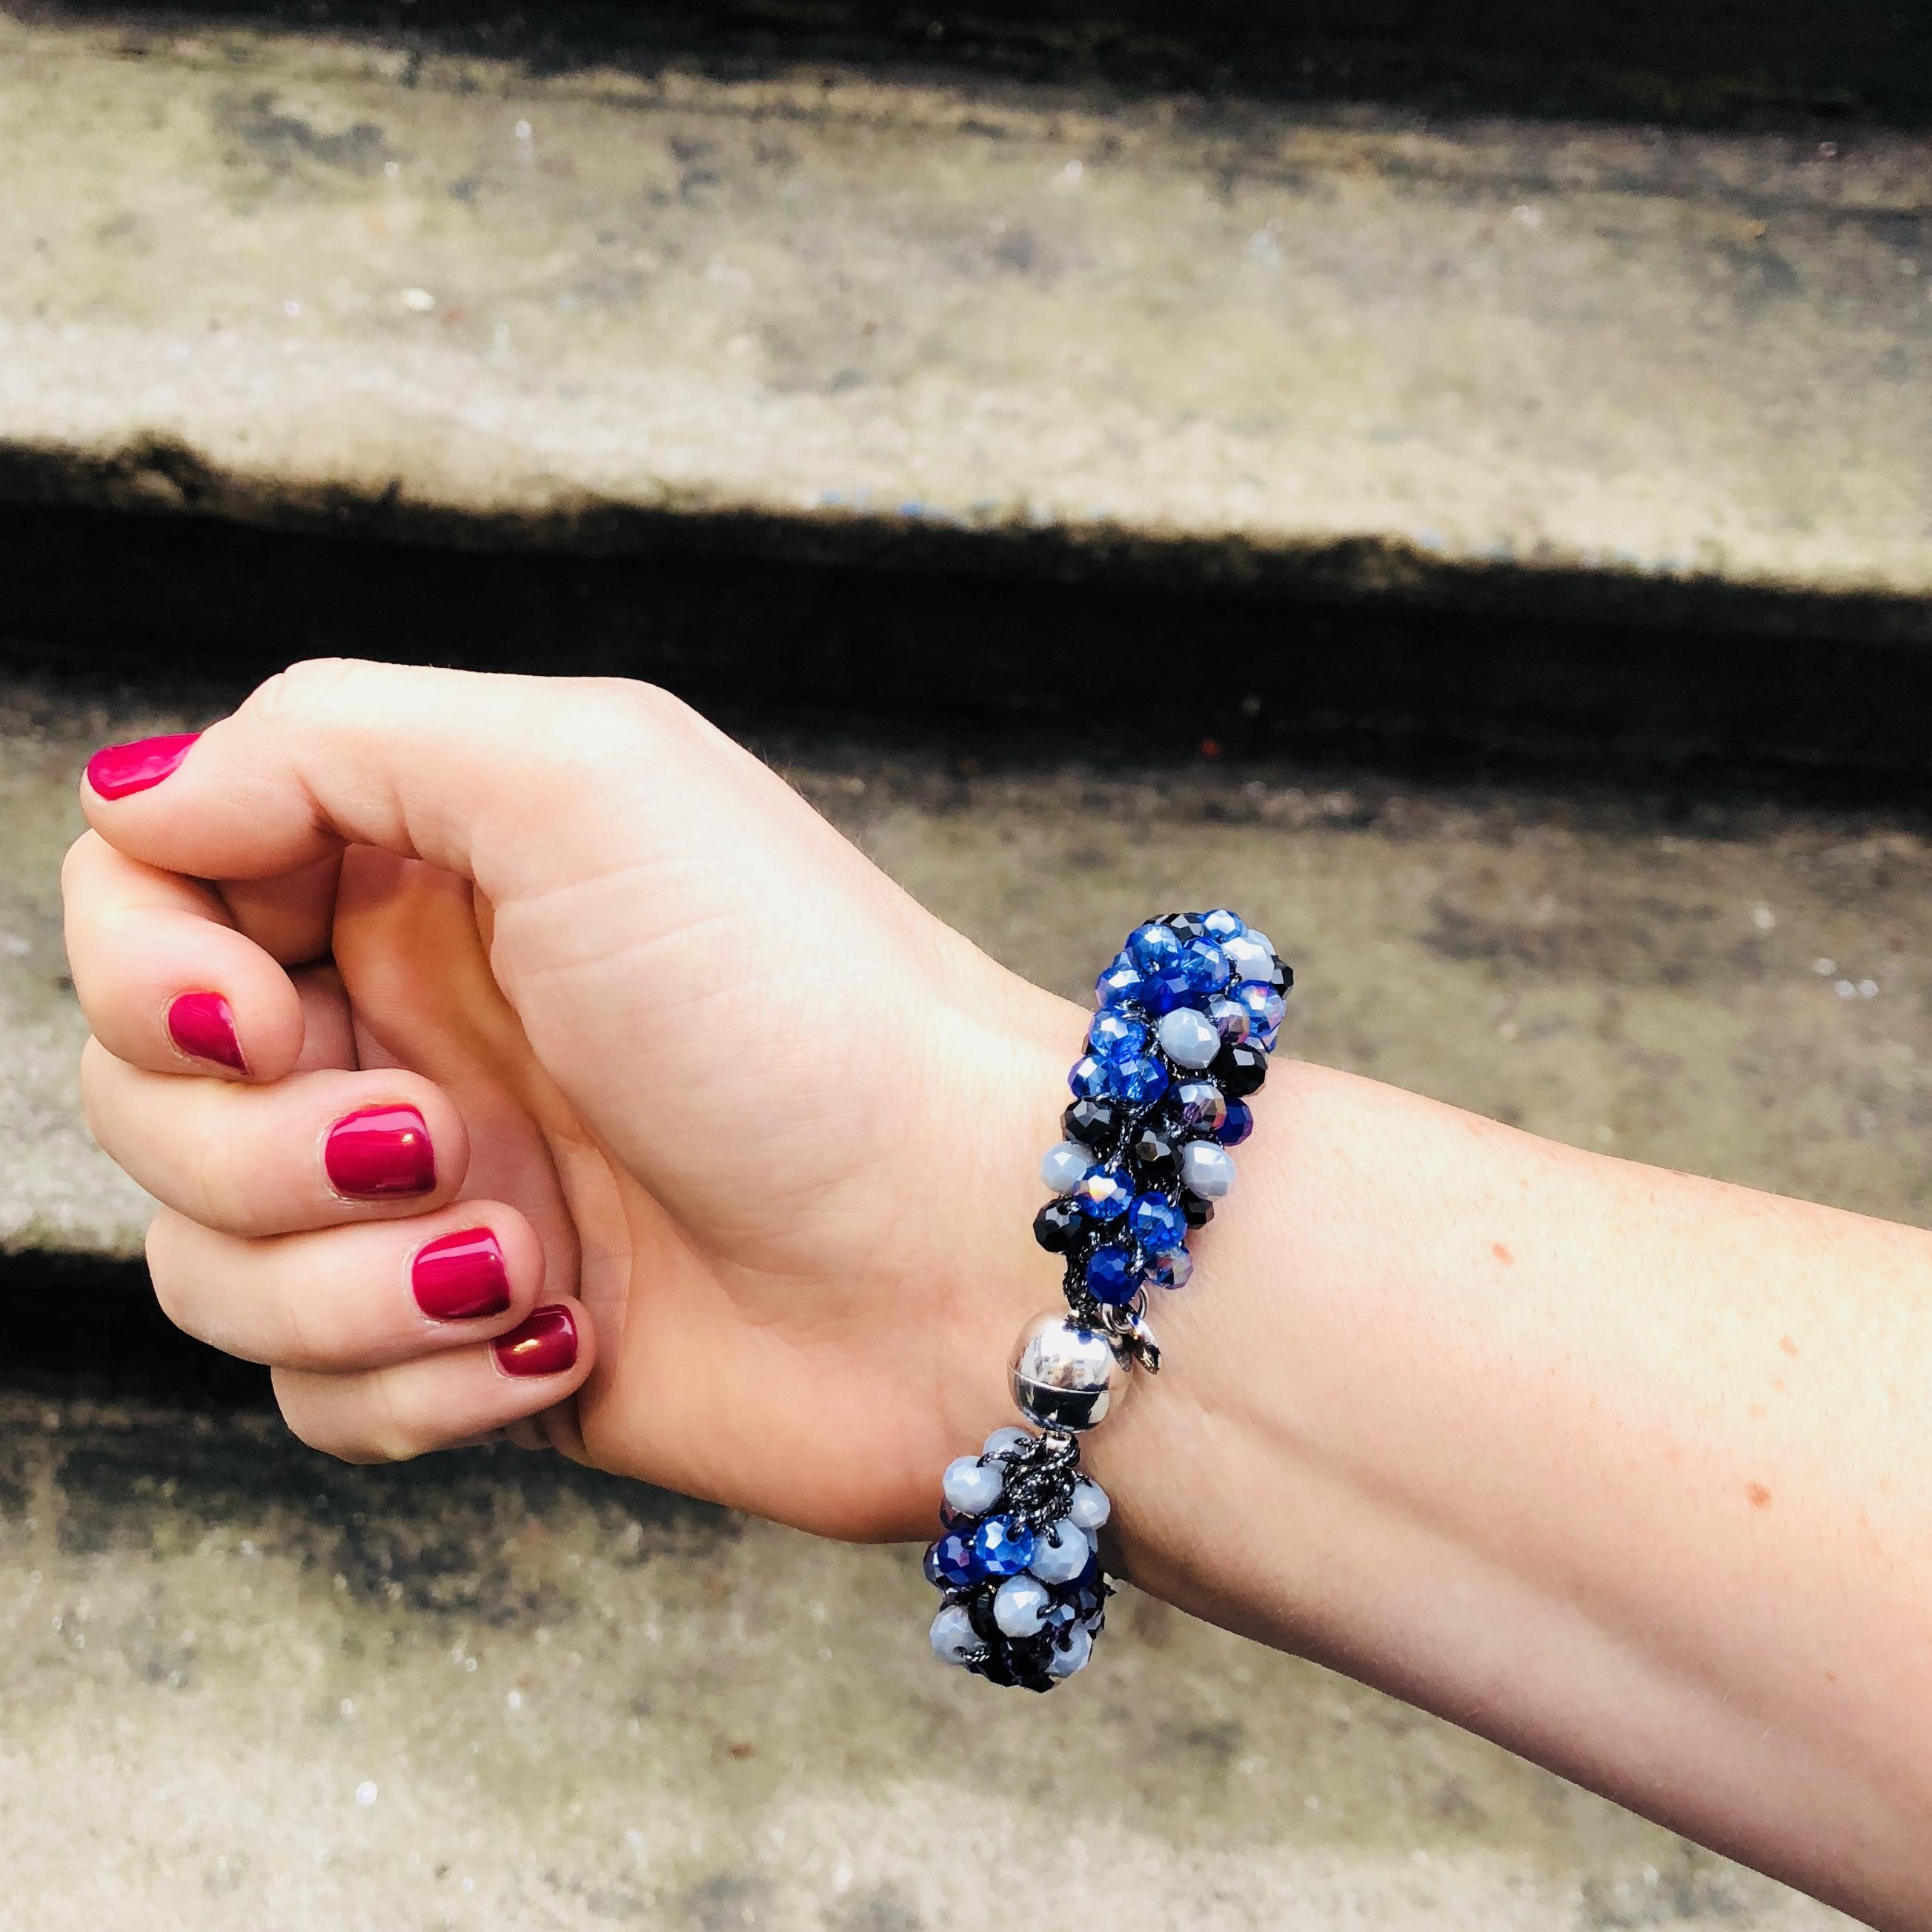 INAstyle I Blaues Armband MAGNIFICA mit Glaskristallen und silbernem Magnetverschluss!